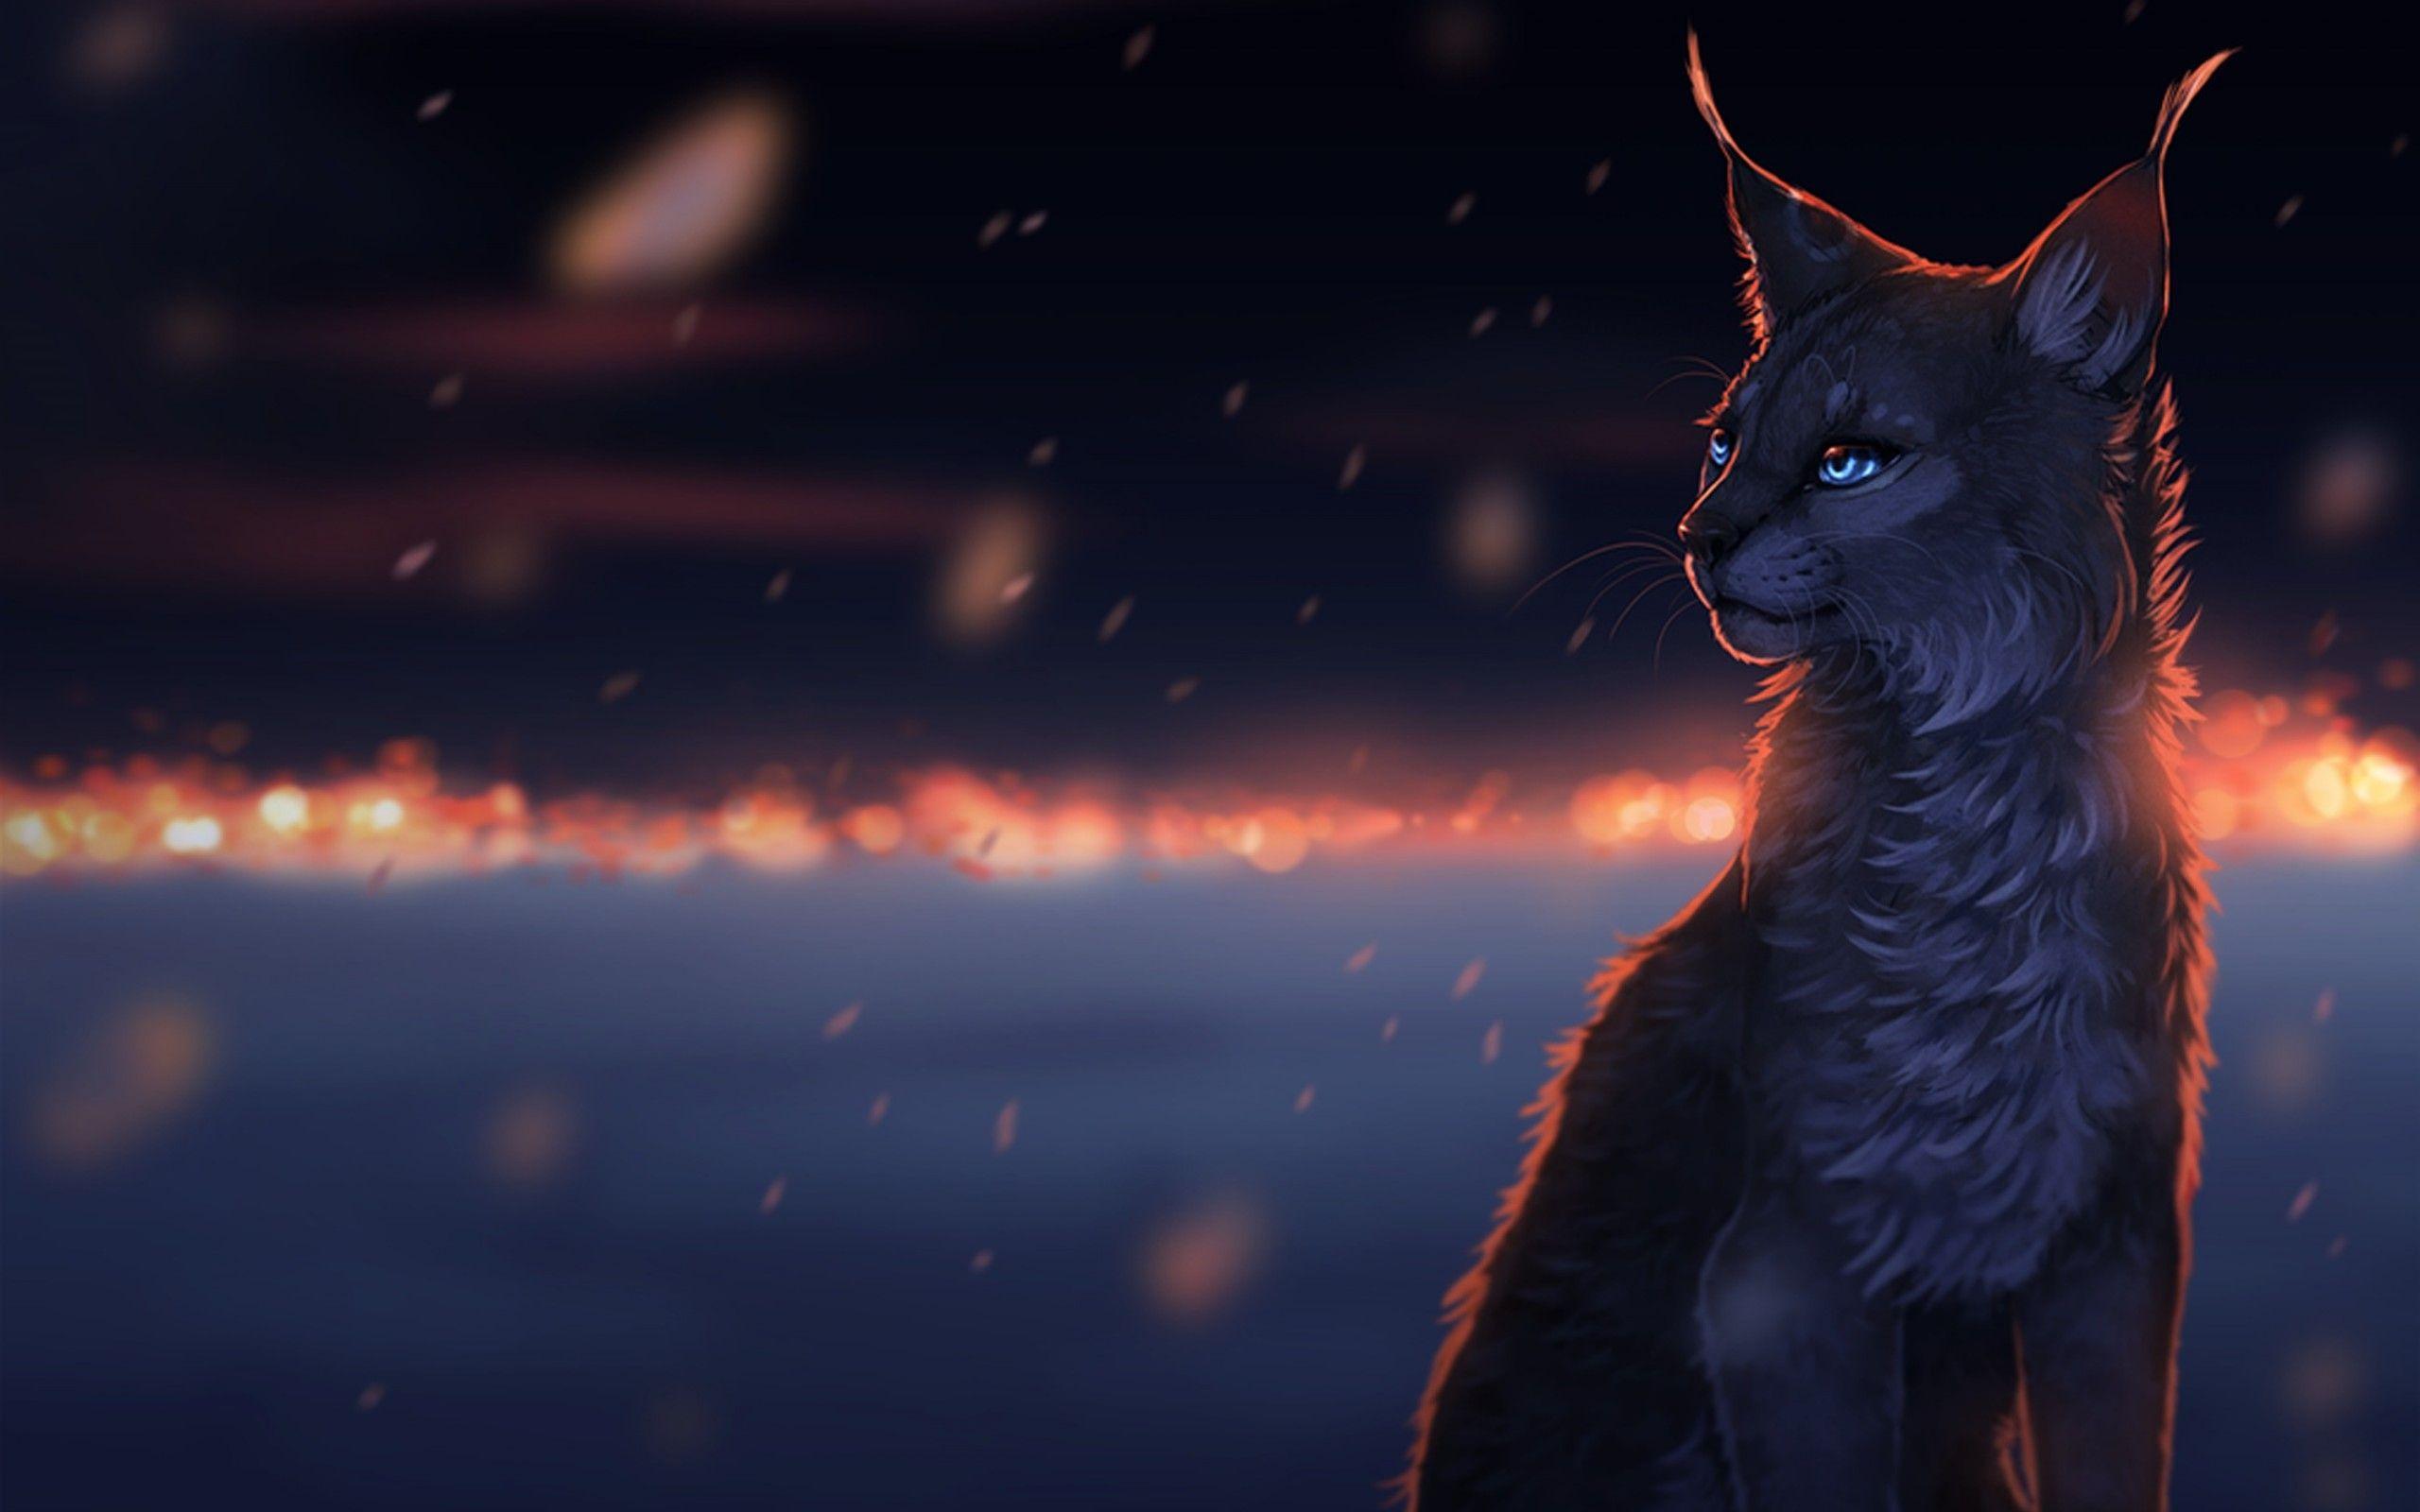 Pictures Of Fantasy Cats Art Cat Dreams Snow Sorrow Drops Cats